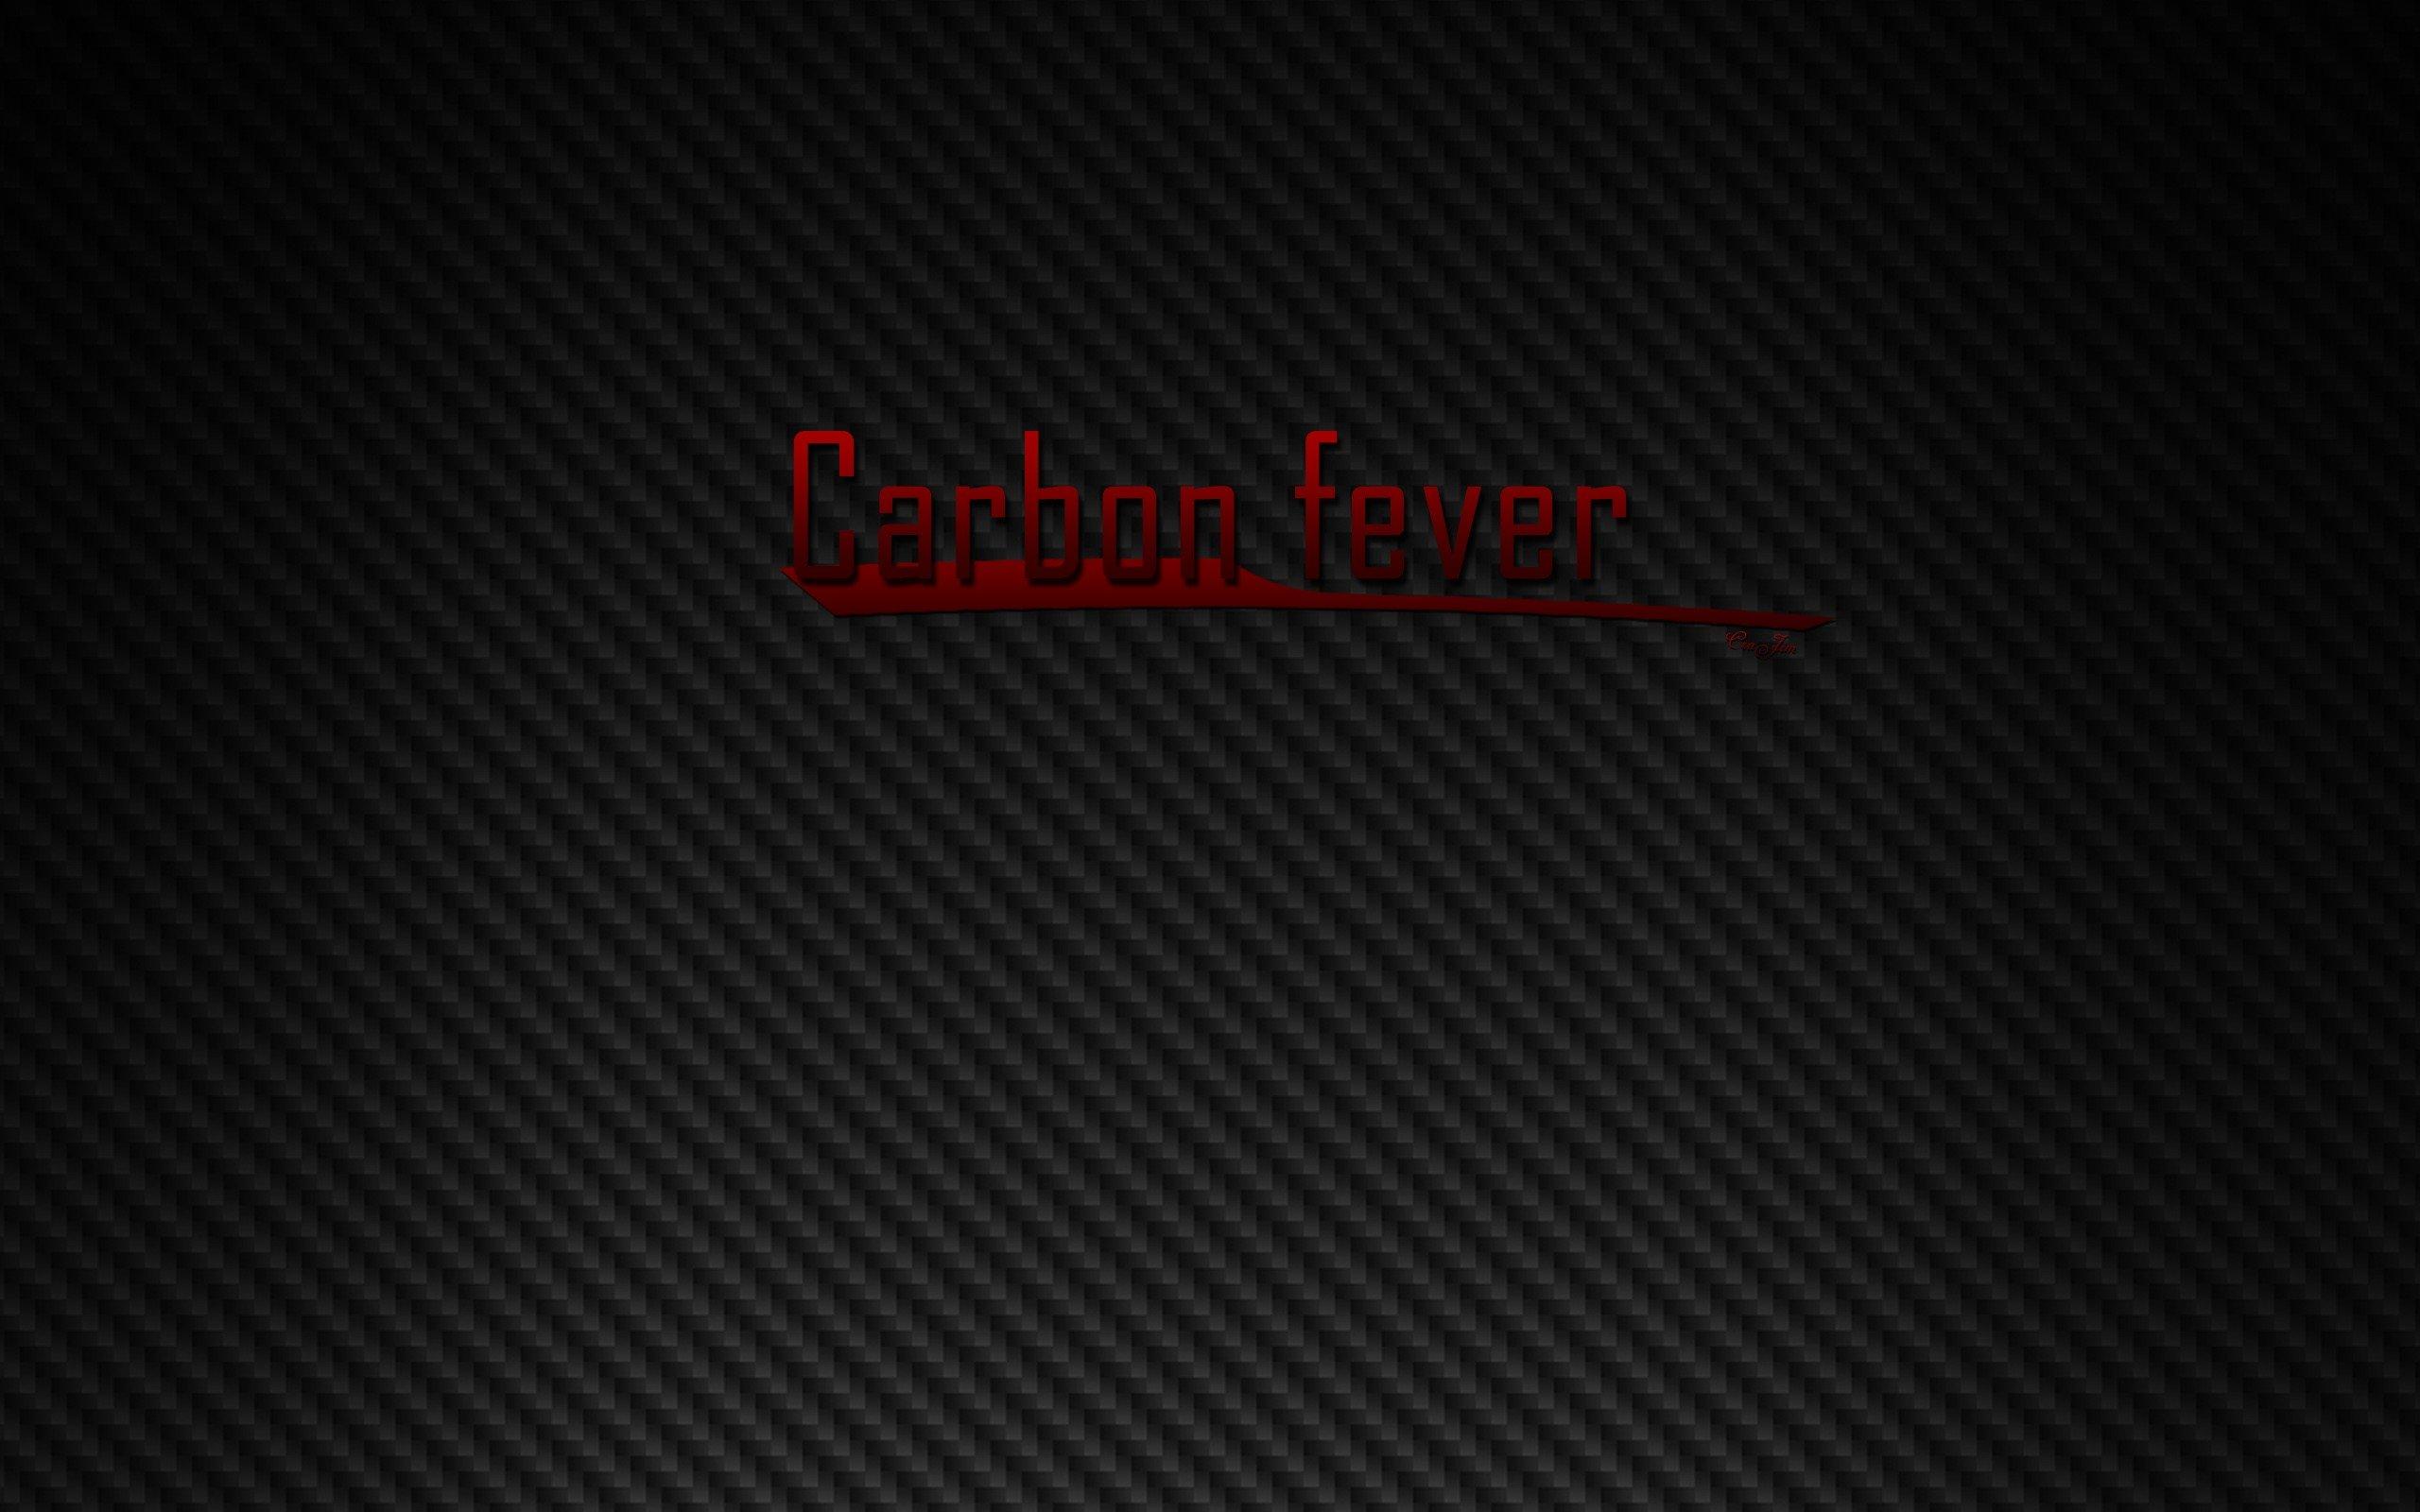 Black carbon fiber CraJim fibers wallpaper 2560x1600 2560x1600